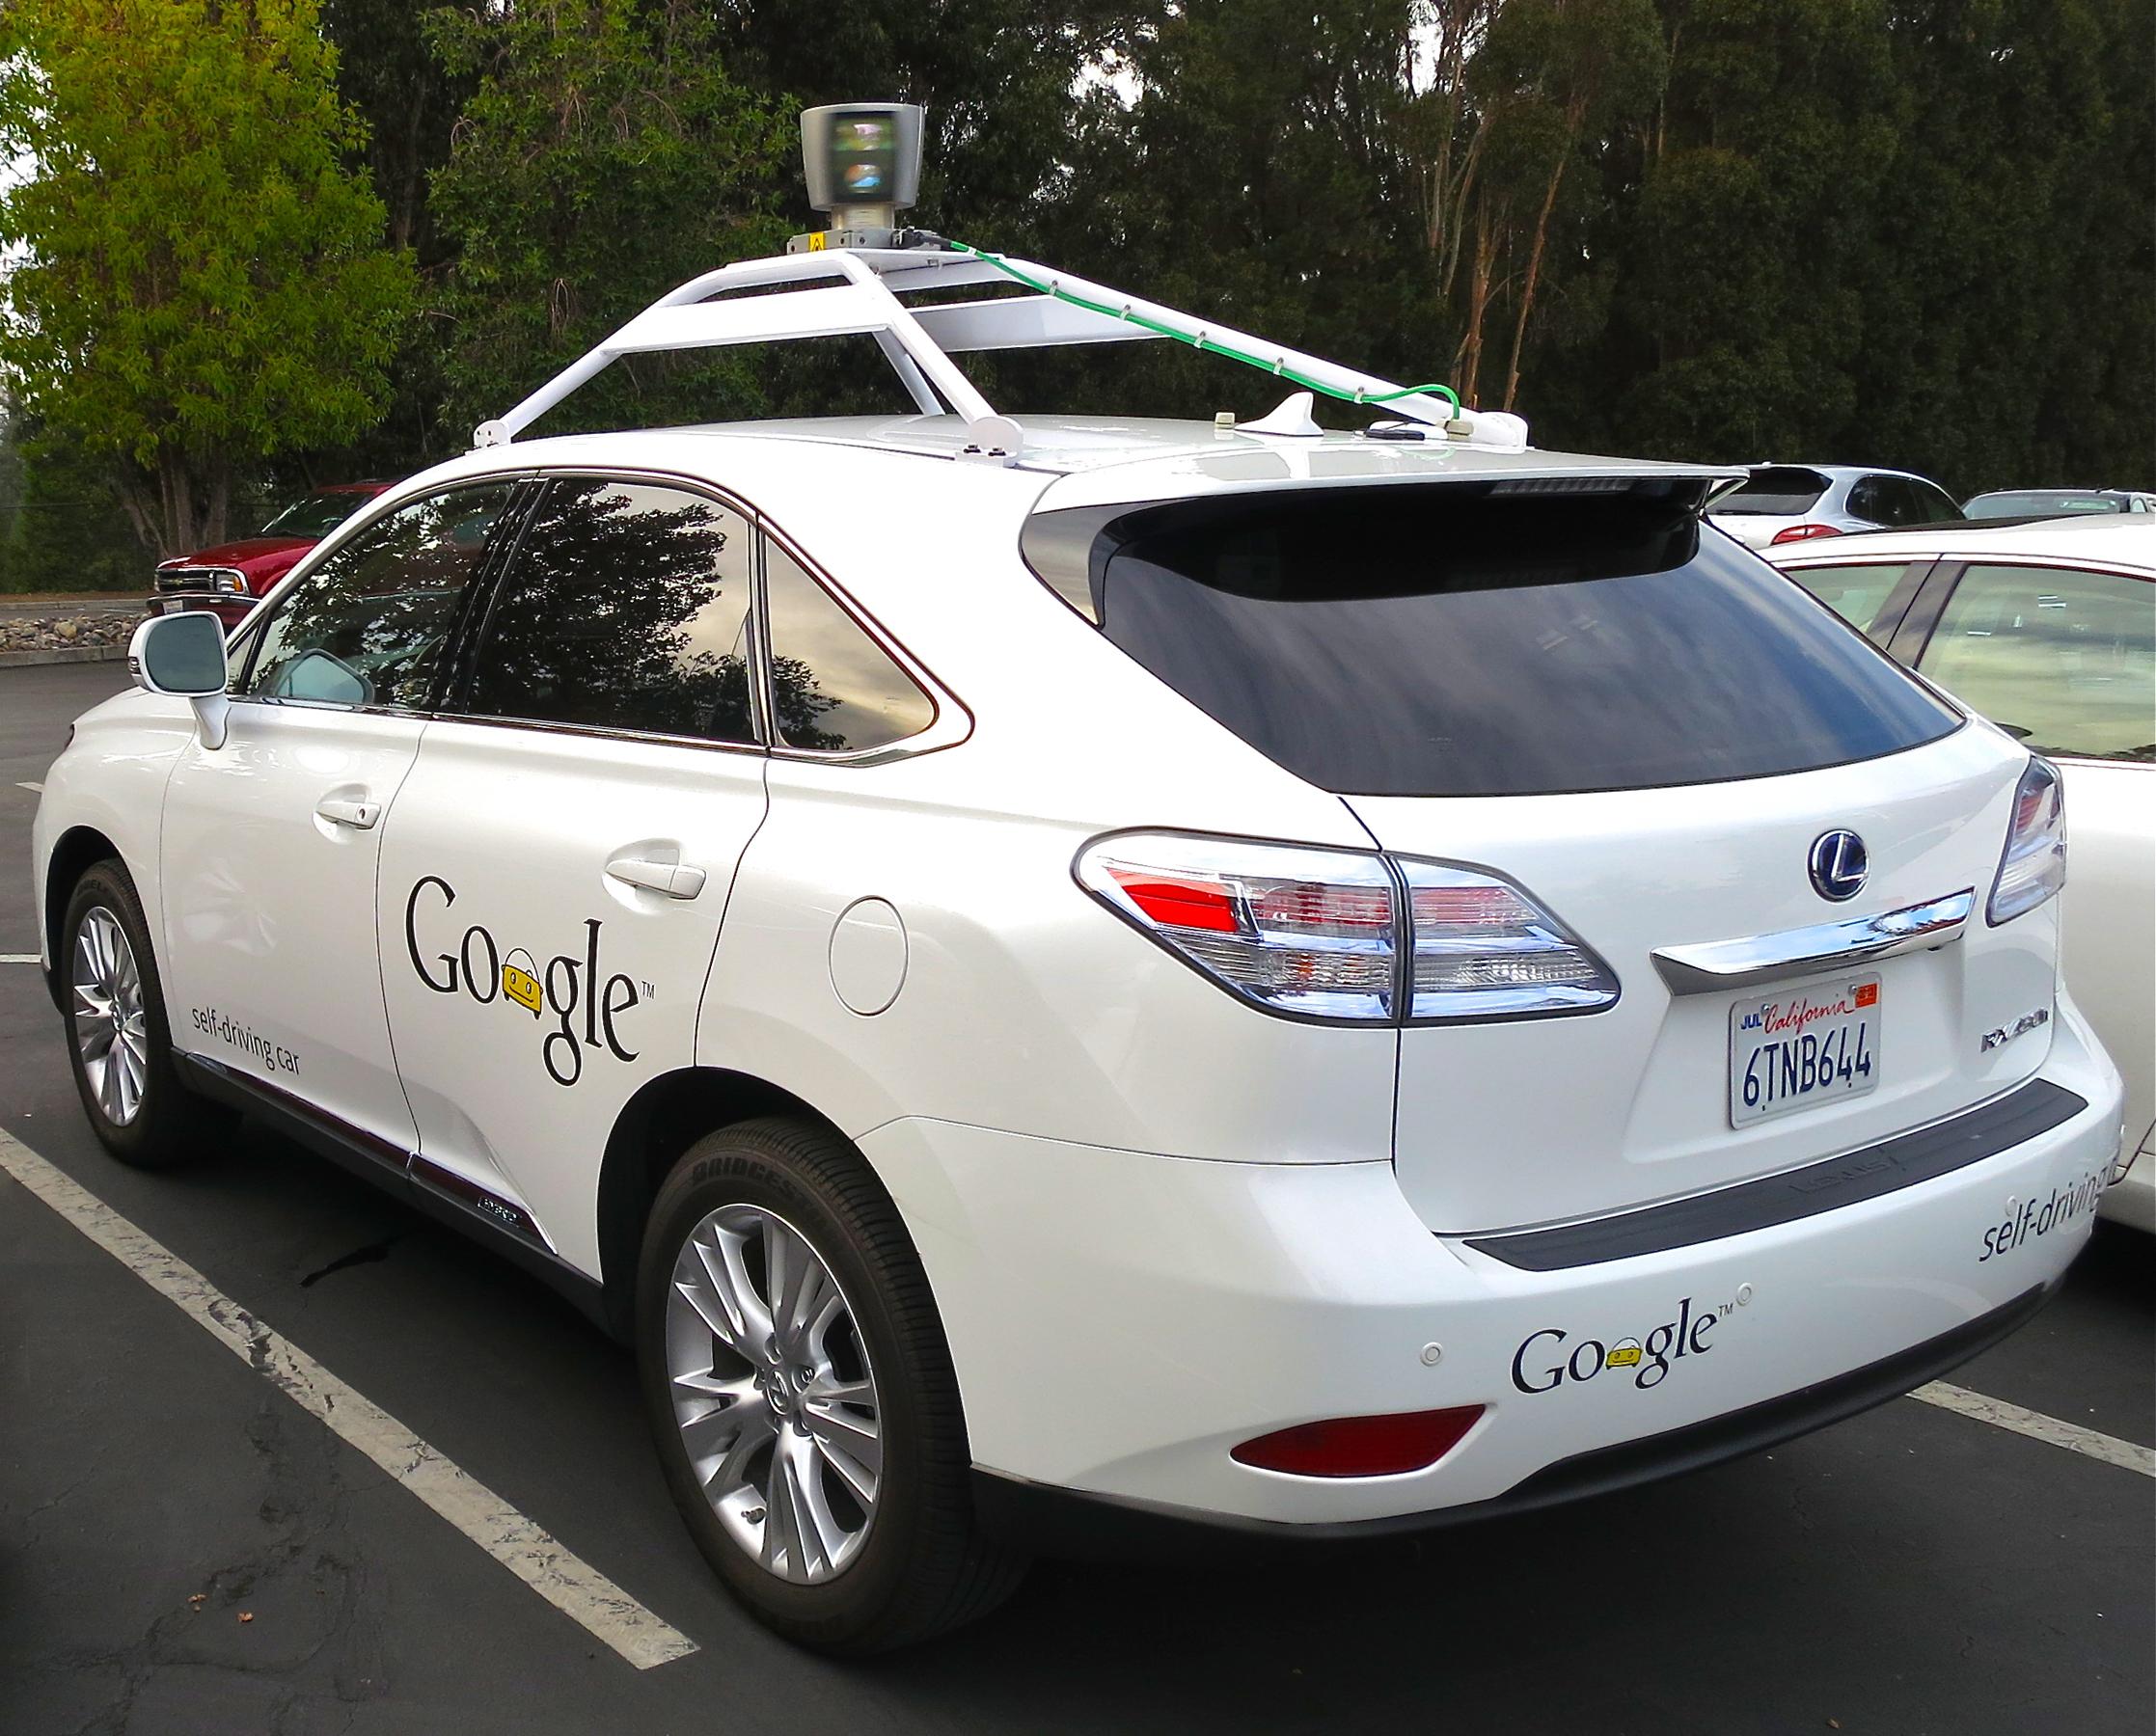 Avec son système de radars, la voiture peut se déplacer toute seule